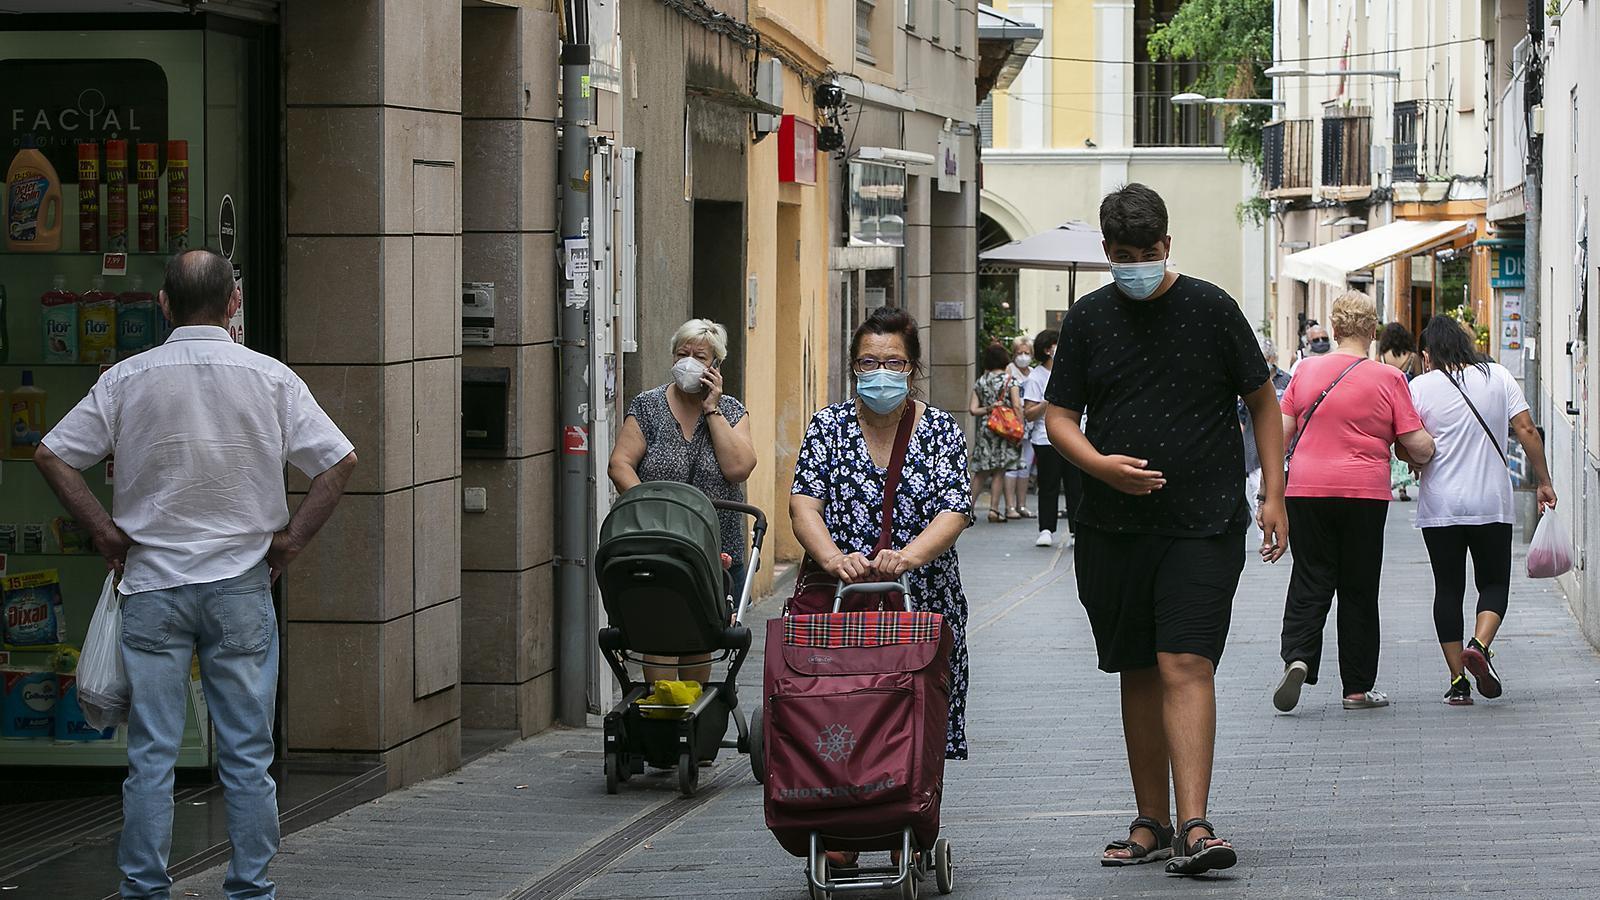 Gent passejant amb mascareta per Sant Feliu de Llobregat aquest dilluns, 20 de juliol, després que el Govern decretés mesures de seguretat extra per contenir l'avenç del coronavirus a la ciutat